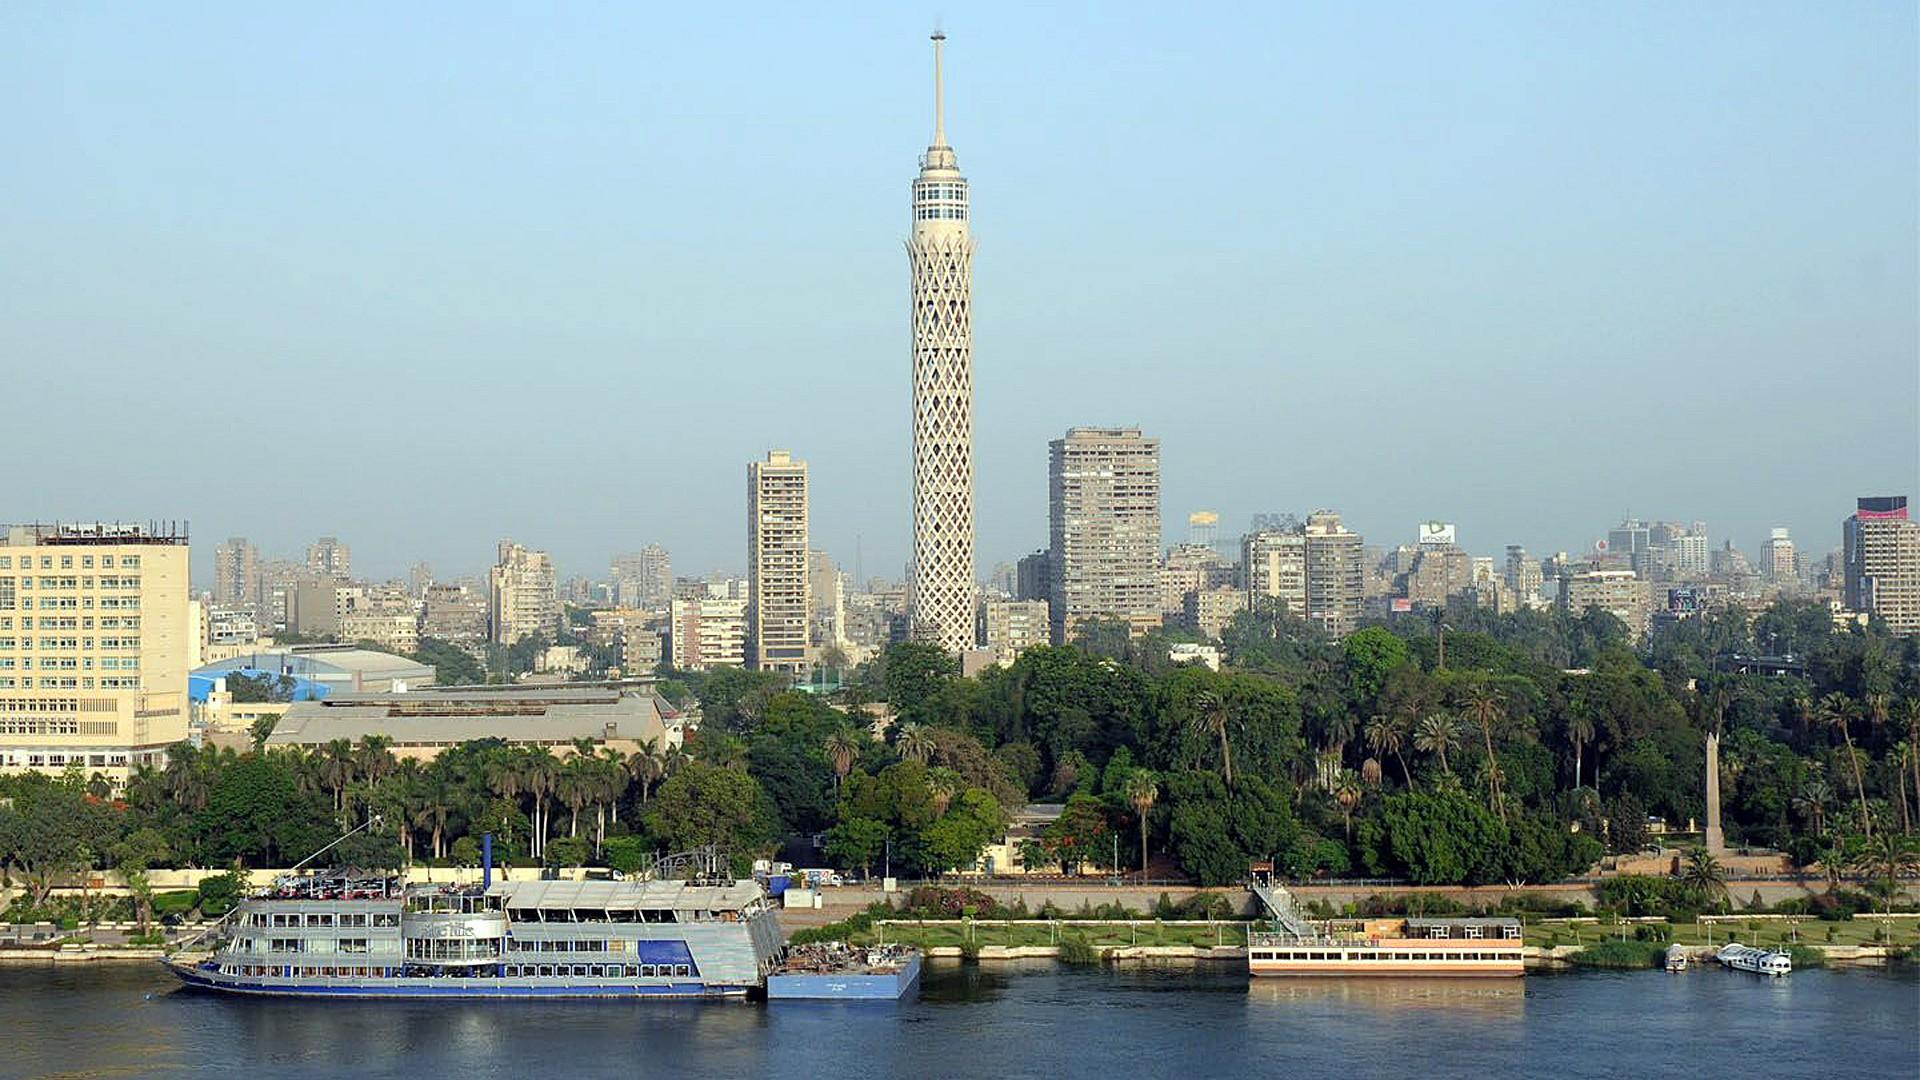 في عيدها القومي.. فتح حدائق القاهرة مجانا وتخفيض ٥٠٪ بالأتوبيس النهري